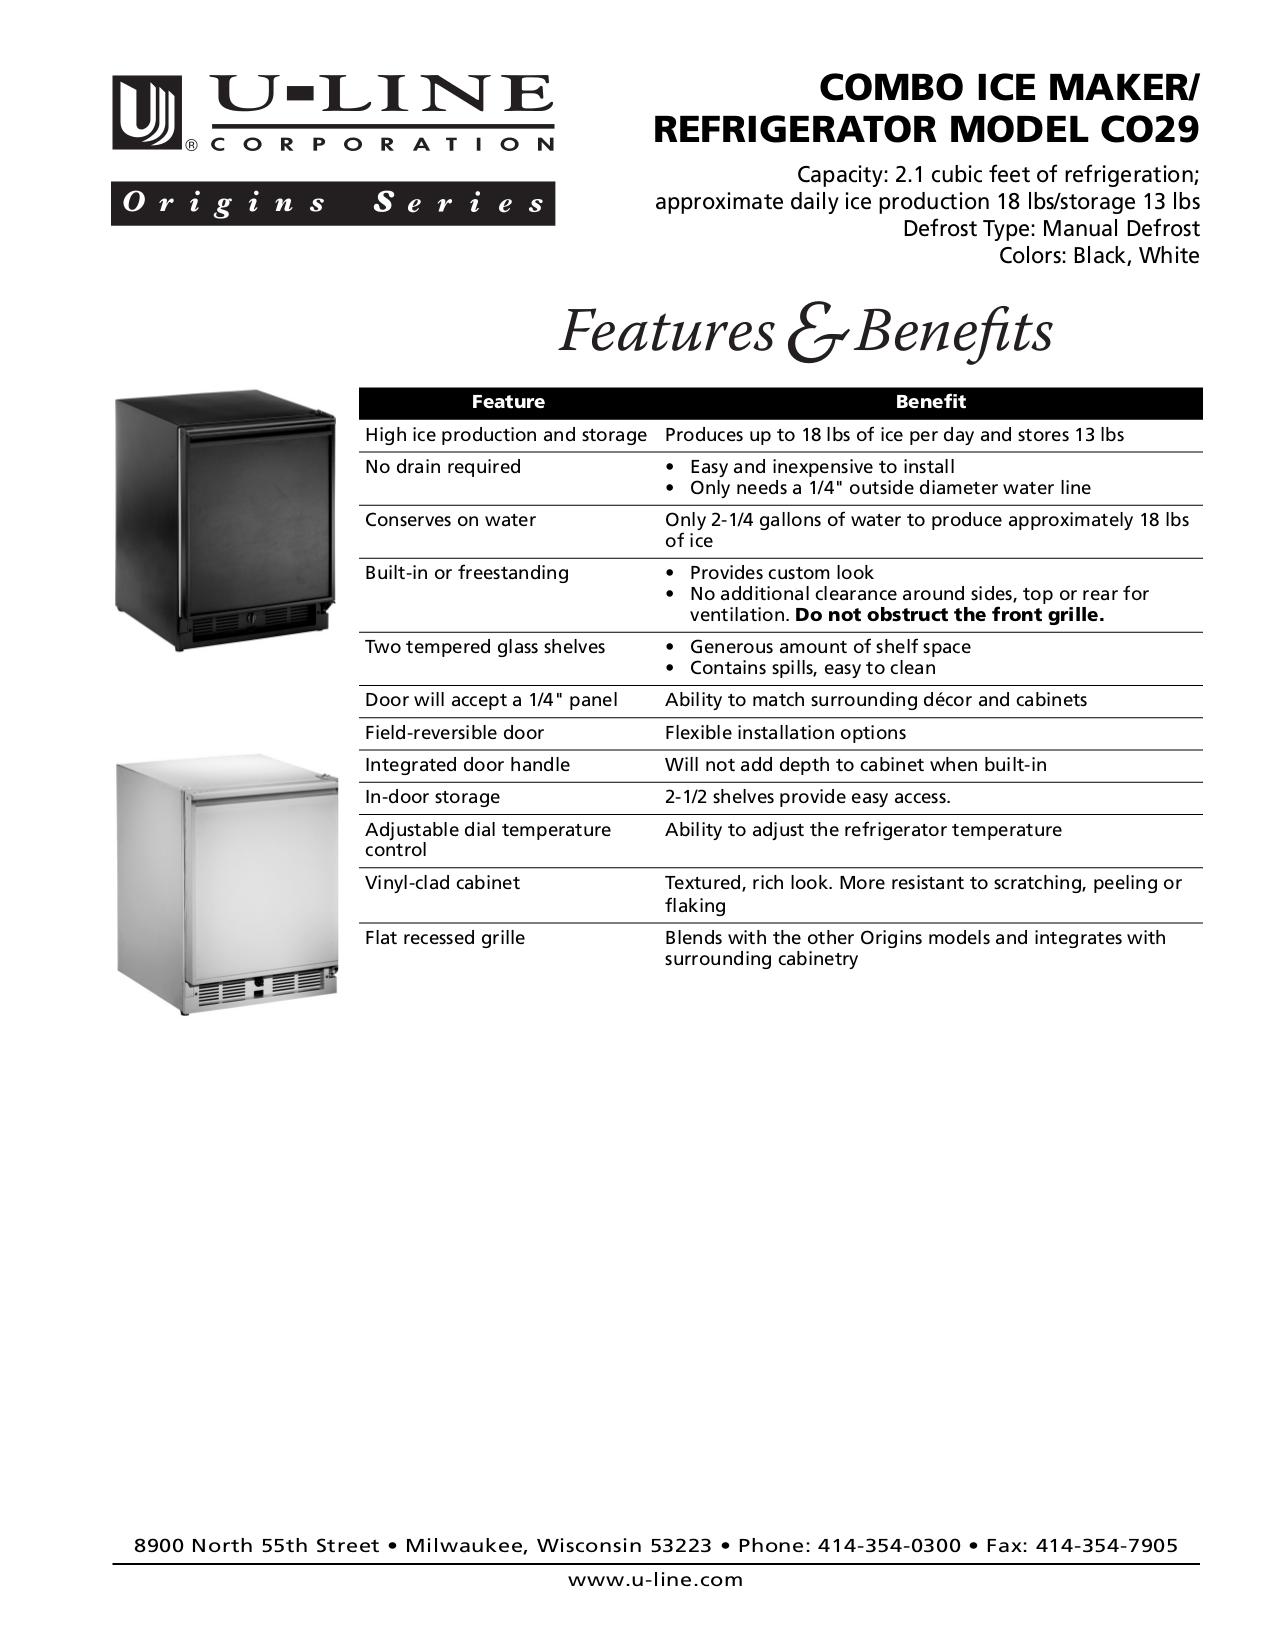 pdf for U-Line Refrigerator Origins CO29 manual